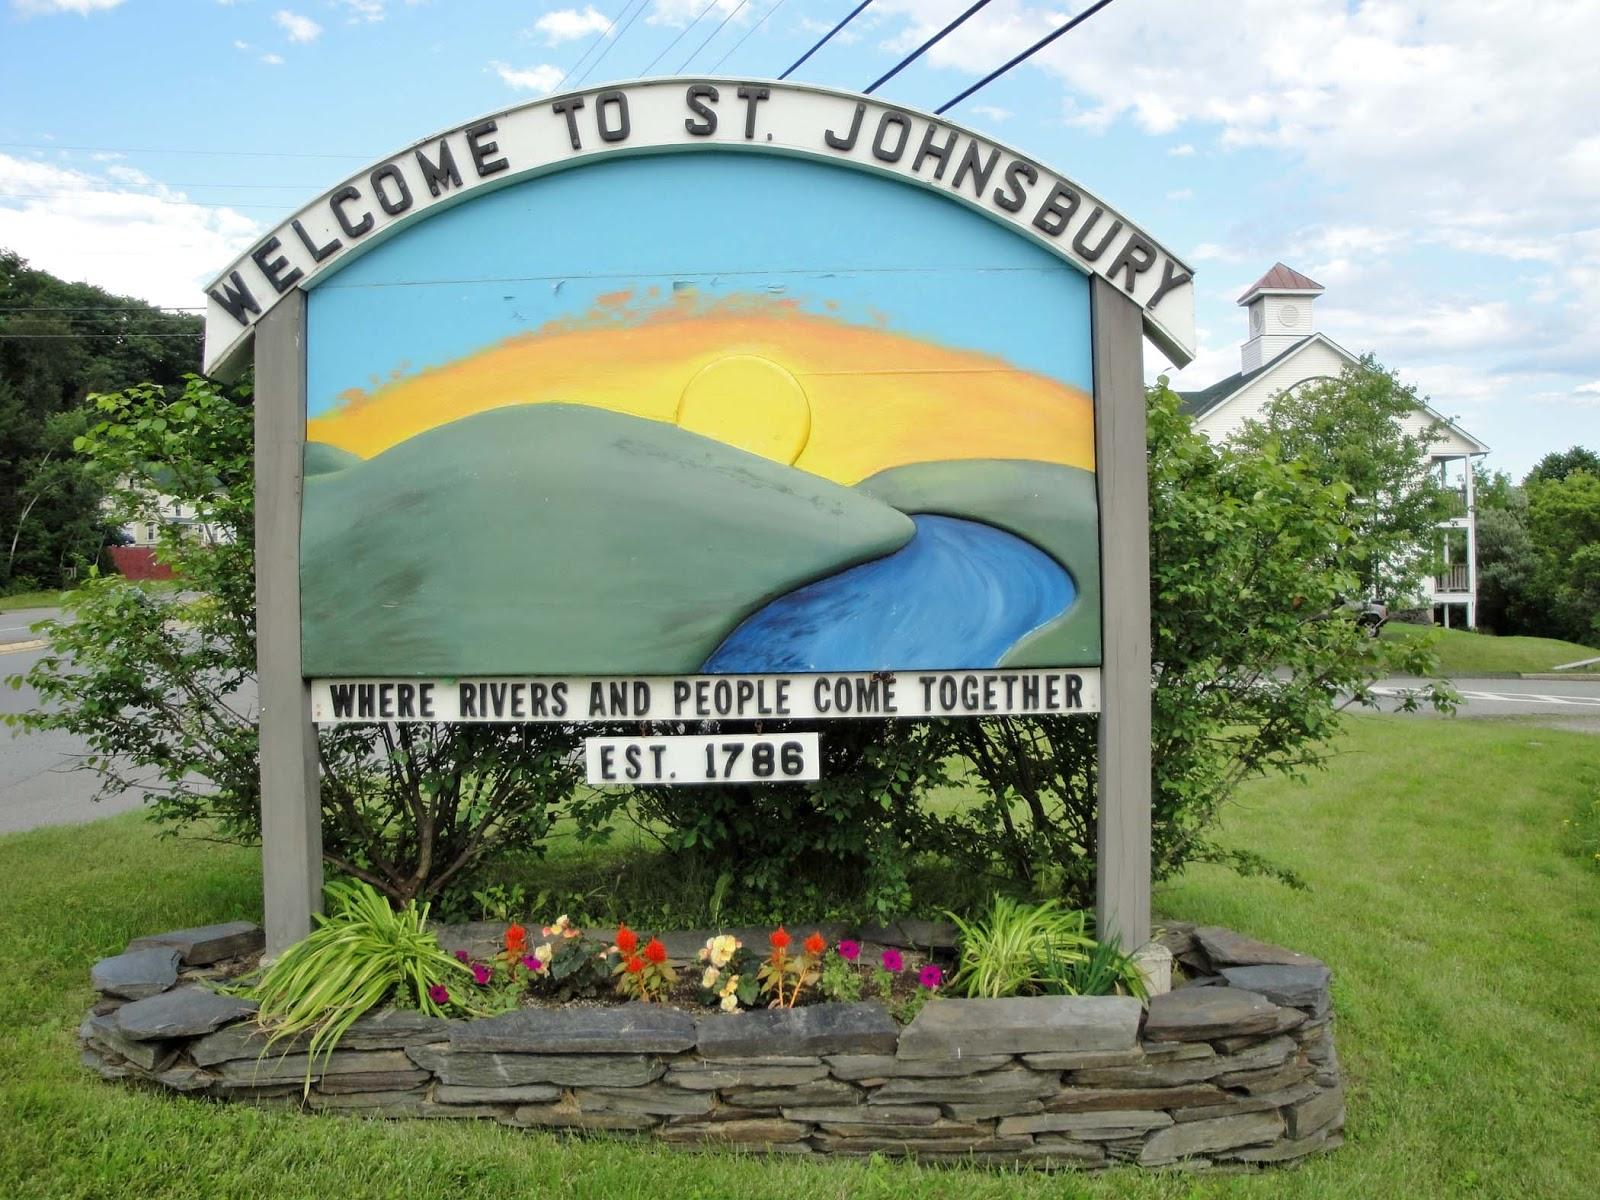 St Johnsbury, Vermont